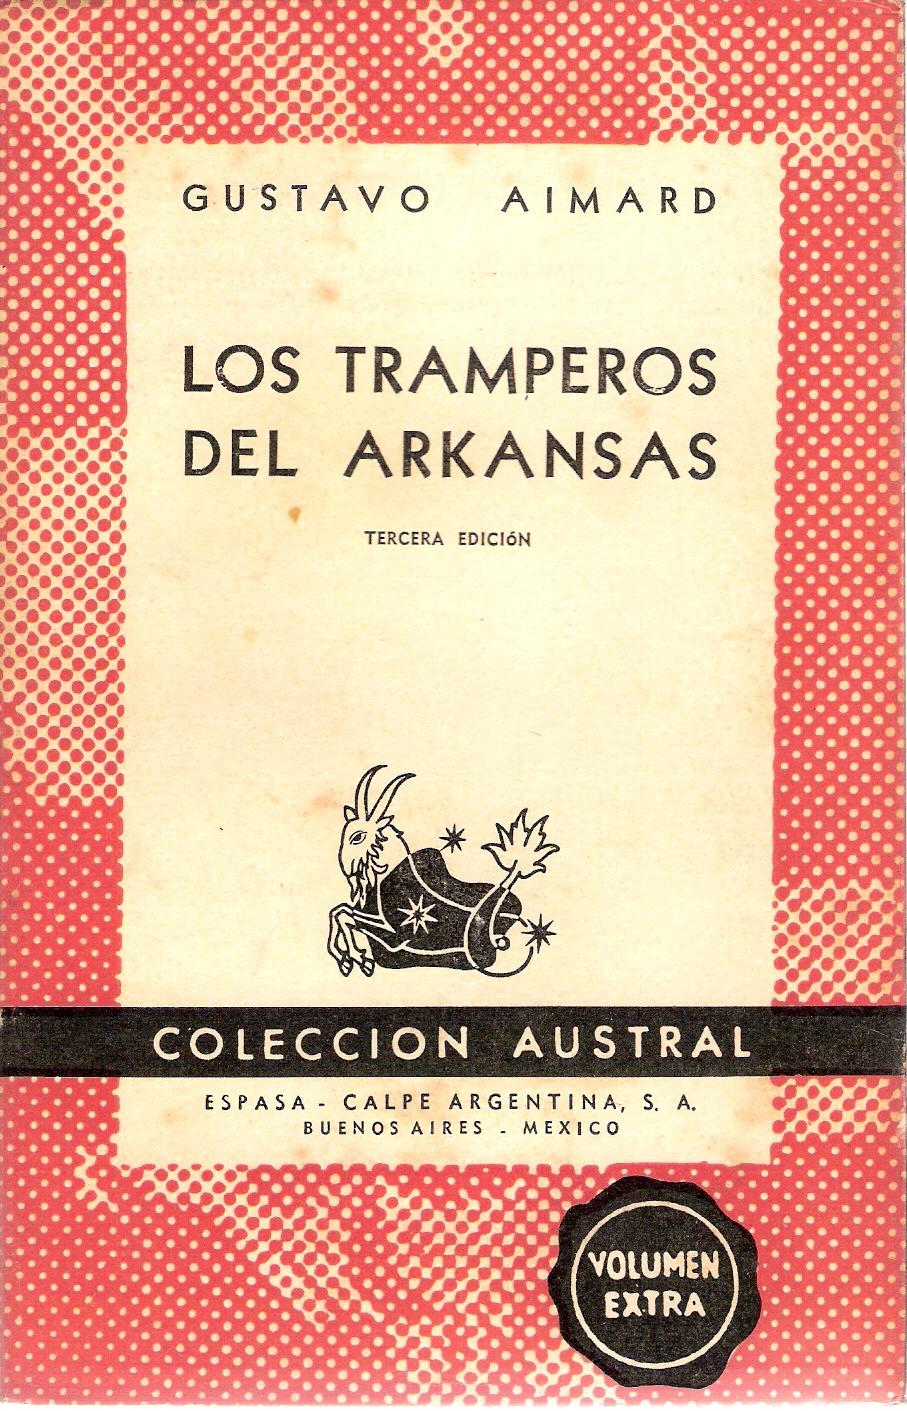 Los tramperos de Arkansas